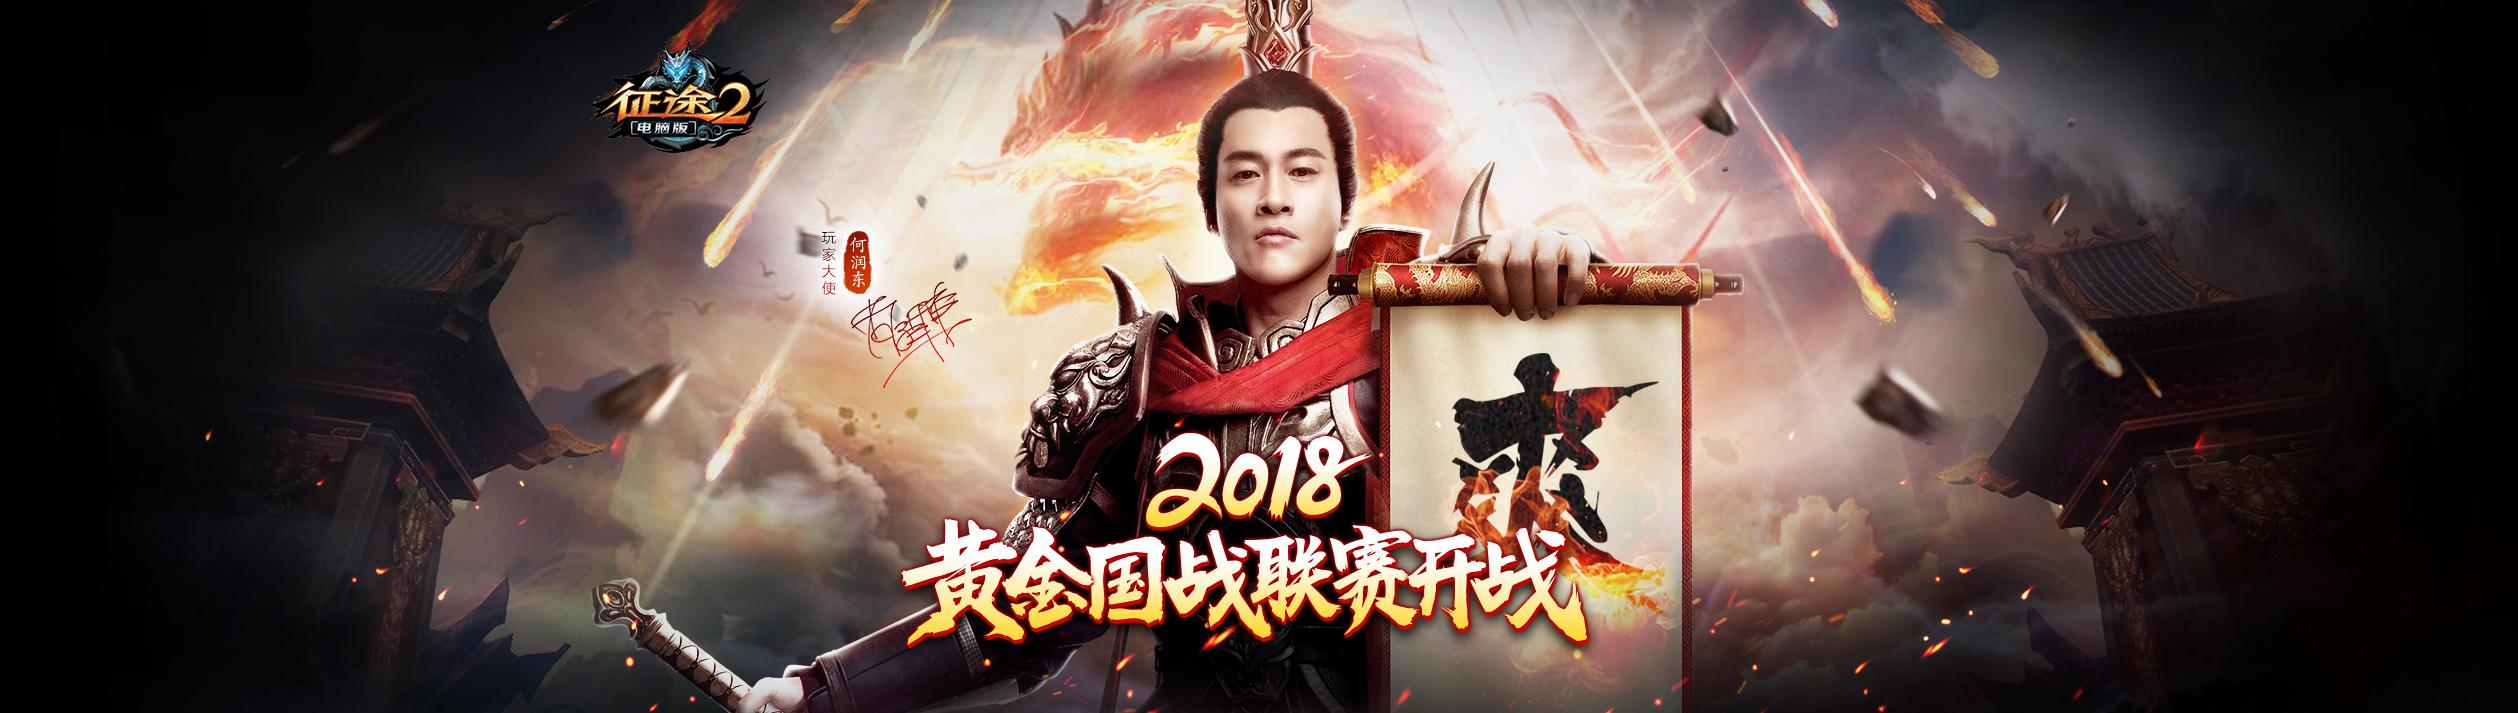 《征途2》2018黄金国战联赛开战!